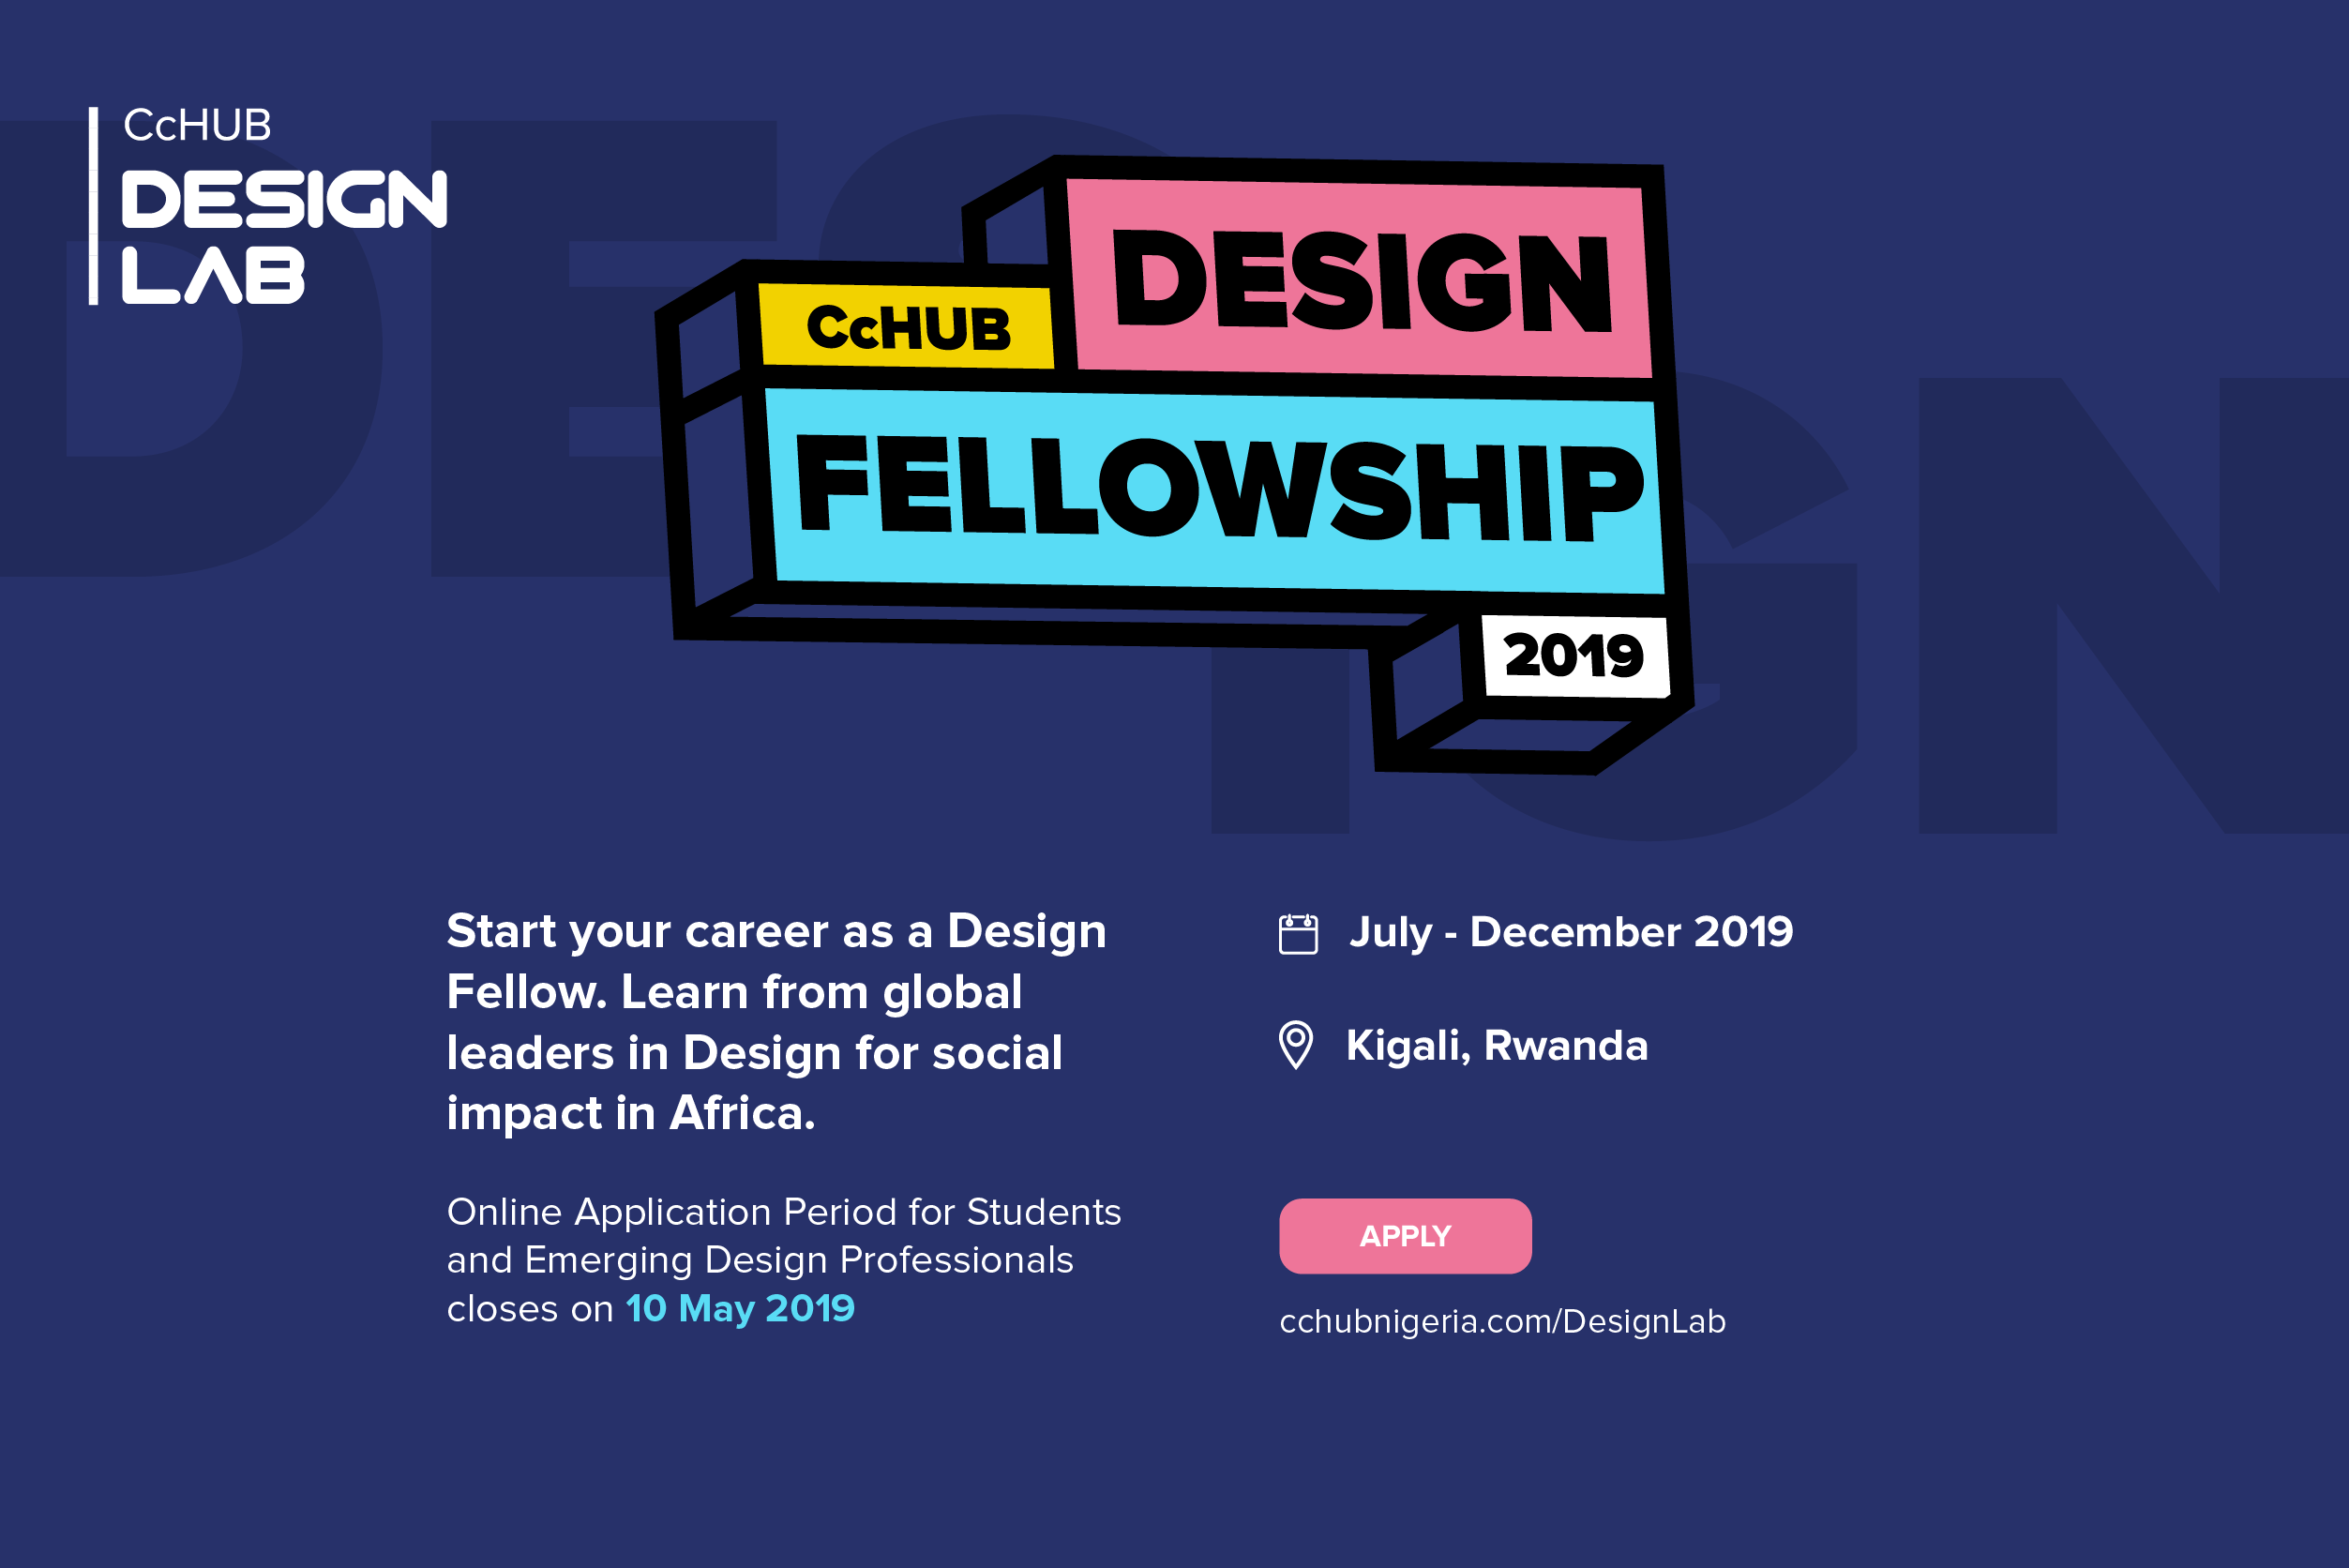 Co-Creation Center (CcHUB) Style Fellowship 2019